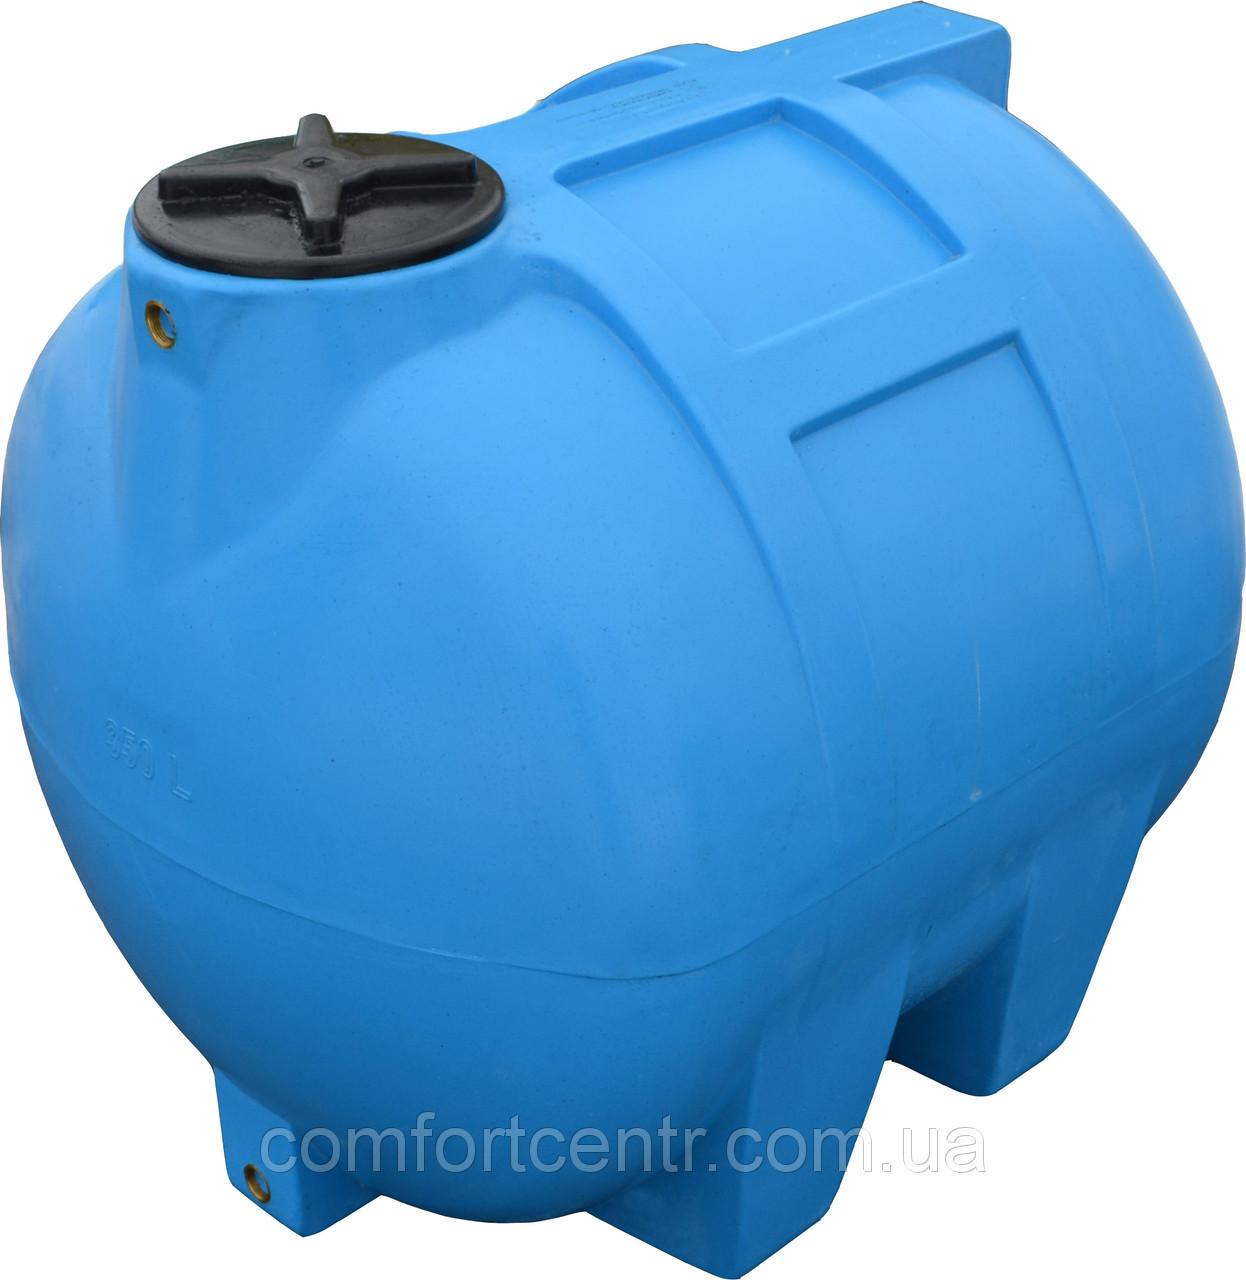 Пластикова горизонтальна ємність на 350 літрів G-350 для зберігання токсичних речовин